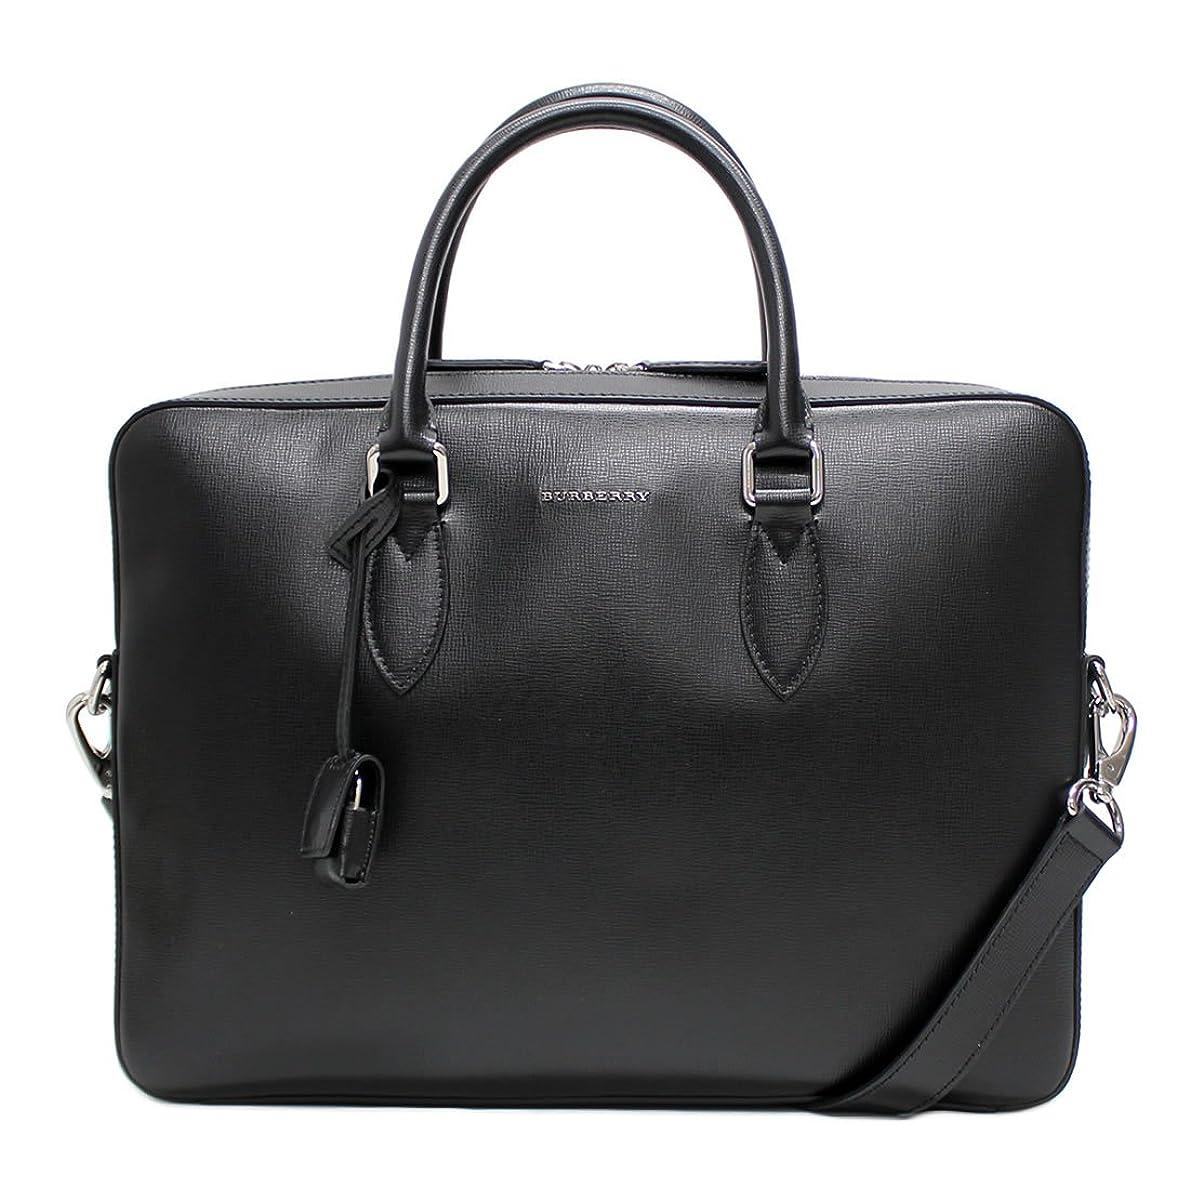 水没構想するの前でバーバリー BURBERRY 3997692 London Leather Black メンズビジネスバッグ [並行輸入品]